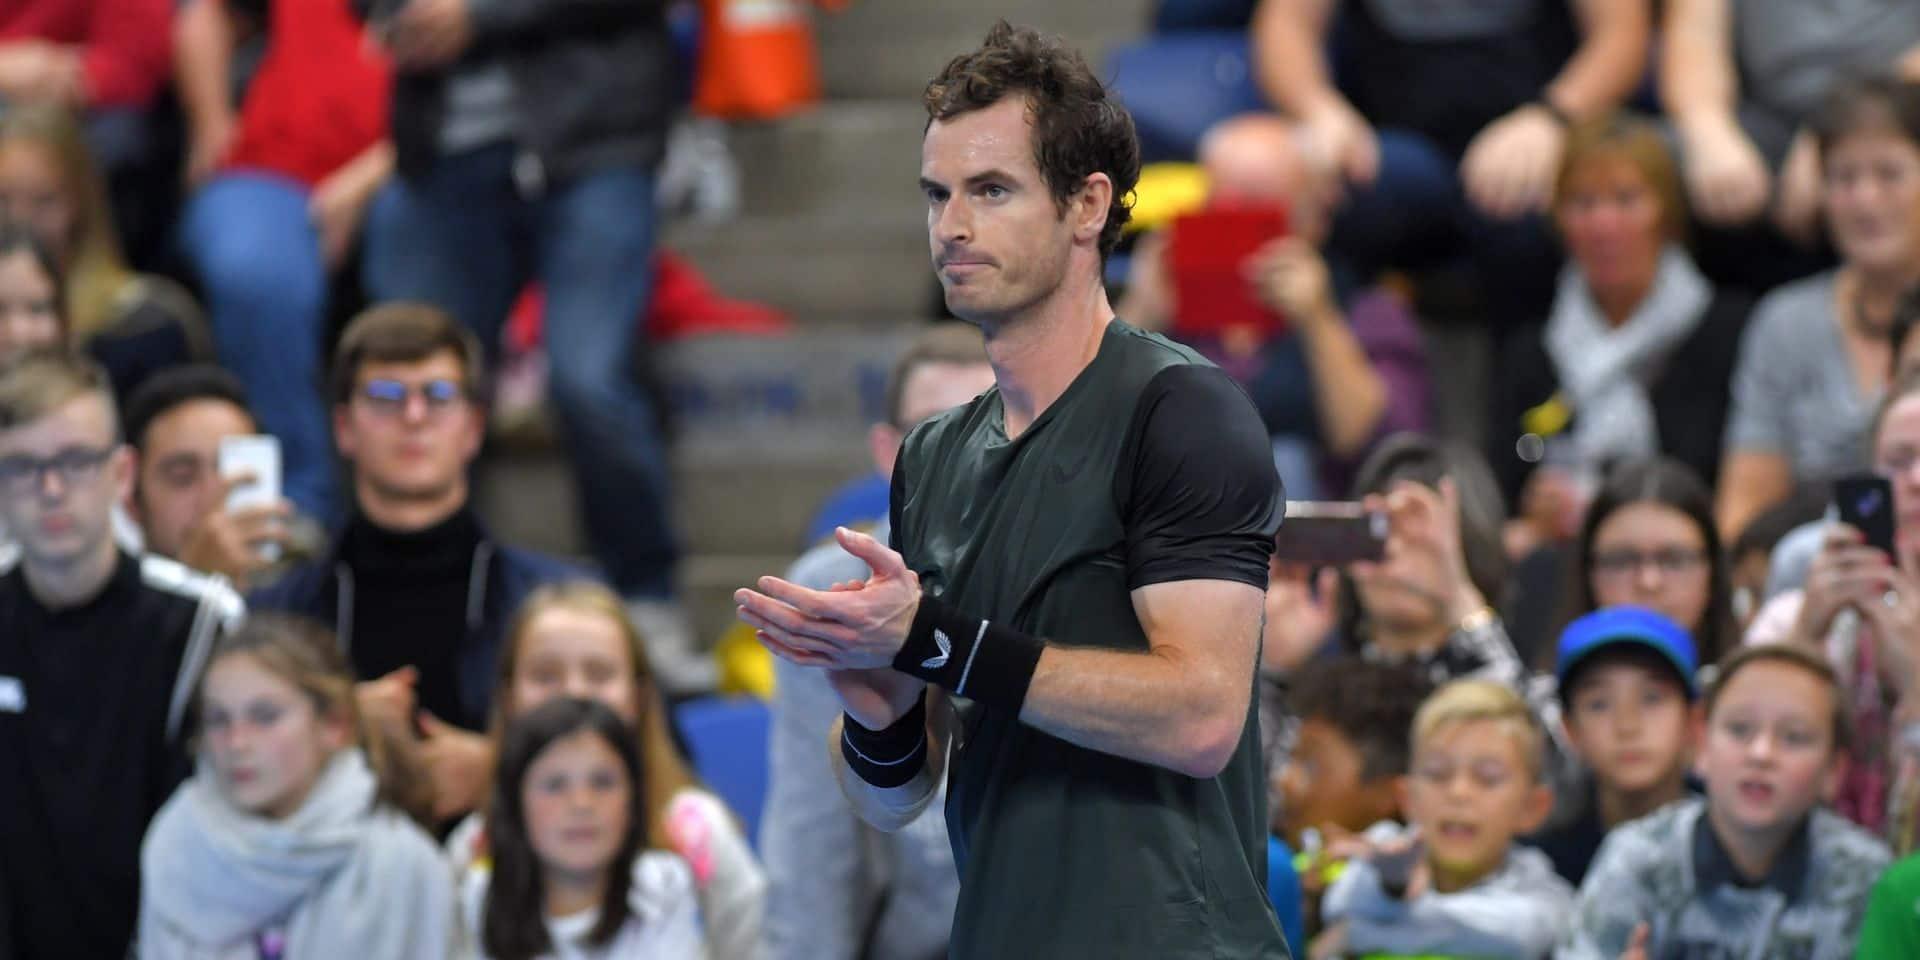 European Open: Andy Murray rejoint le dernier carré, une première depuis son opération